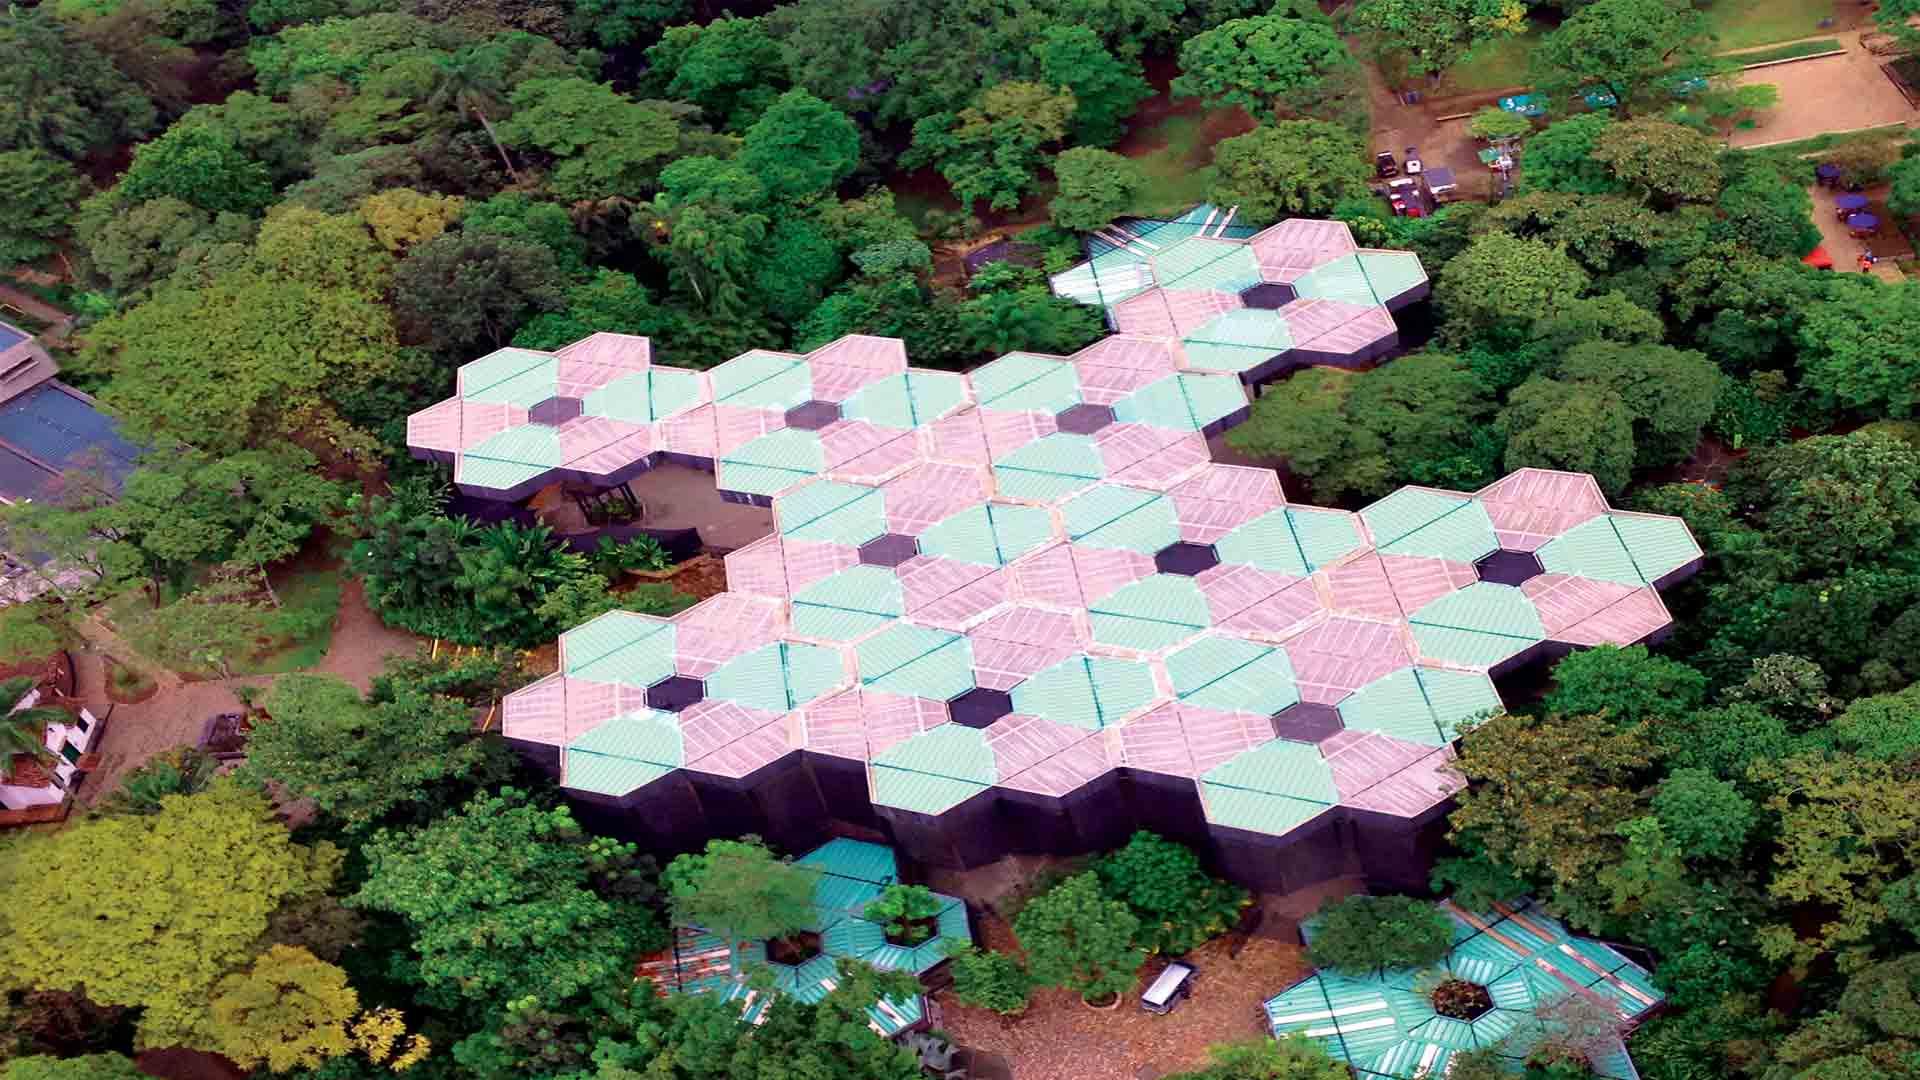 Jardin-Botanico-de-Medellin-desde-un-helicoptero-con-Fly-Colombia